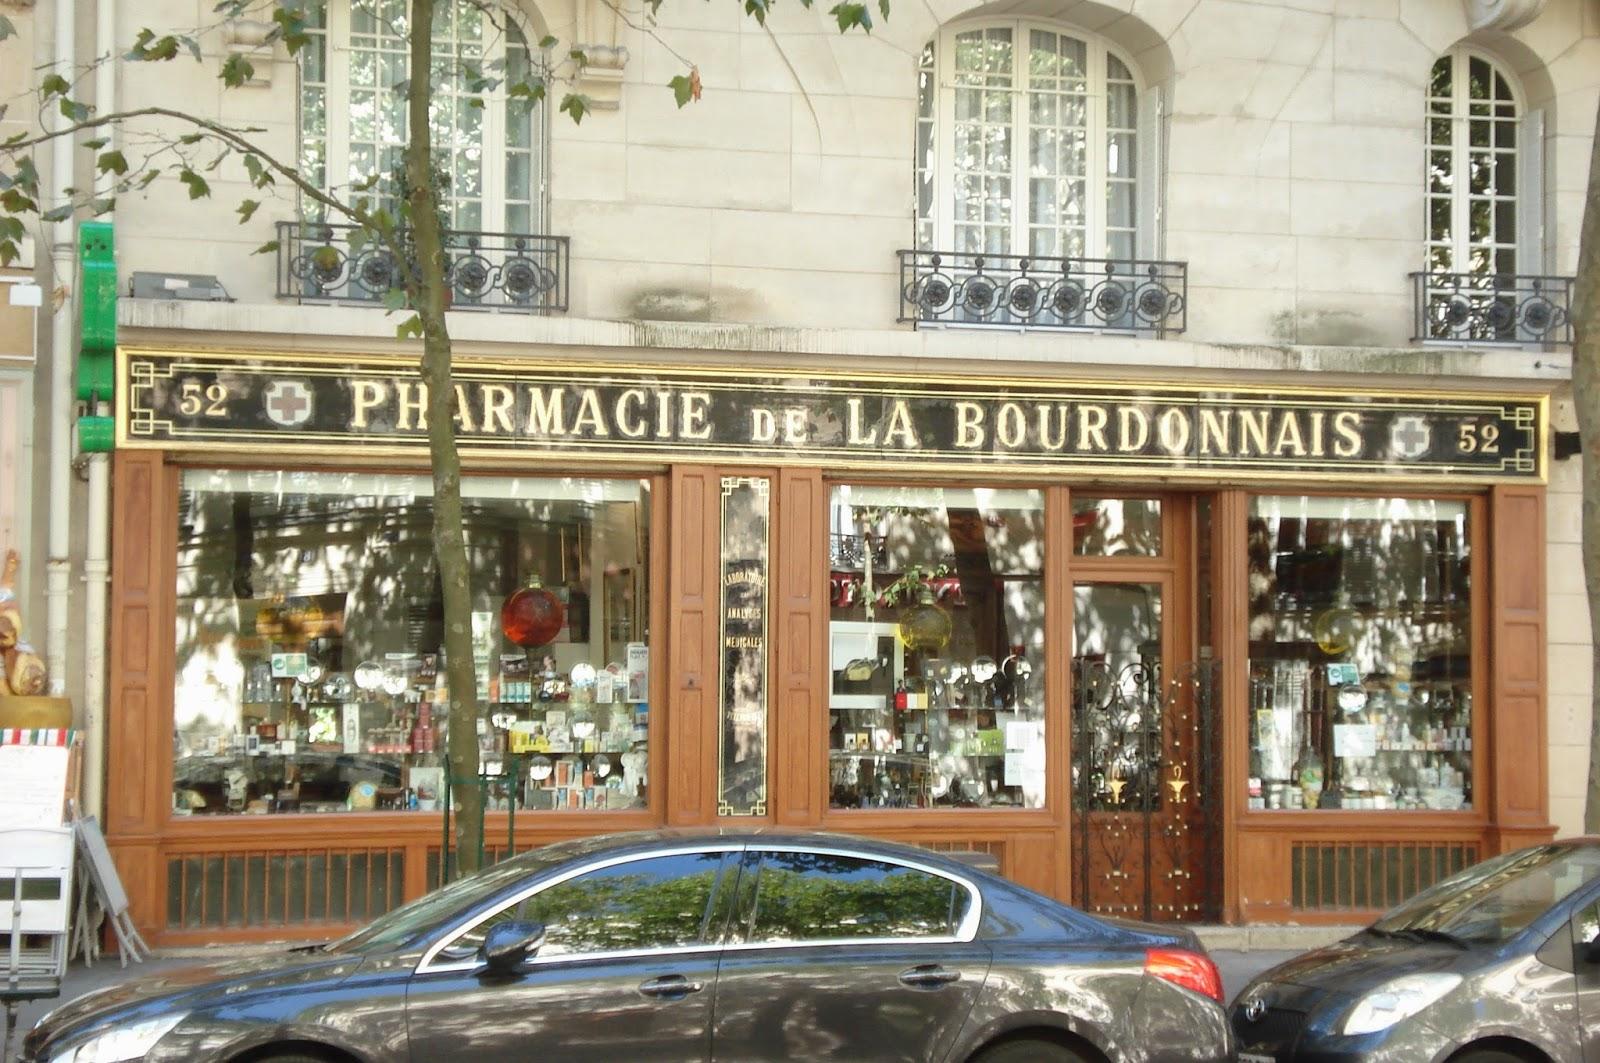 Paris on th me commerces d 39 hier et d 39 aujourd 39 hui for Pharmacie de la claire